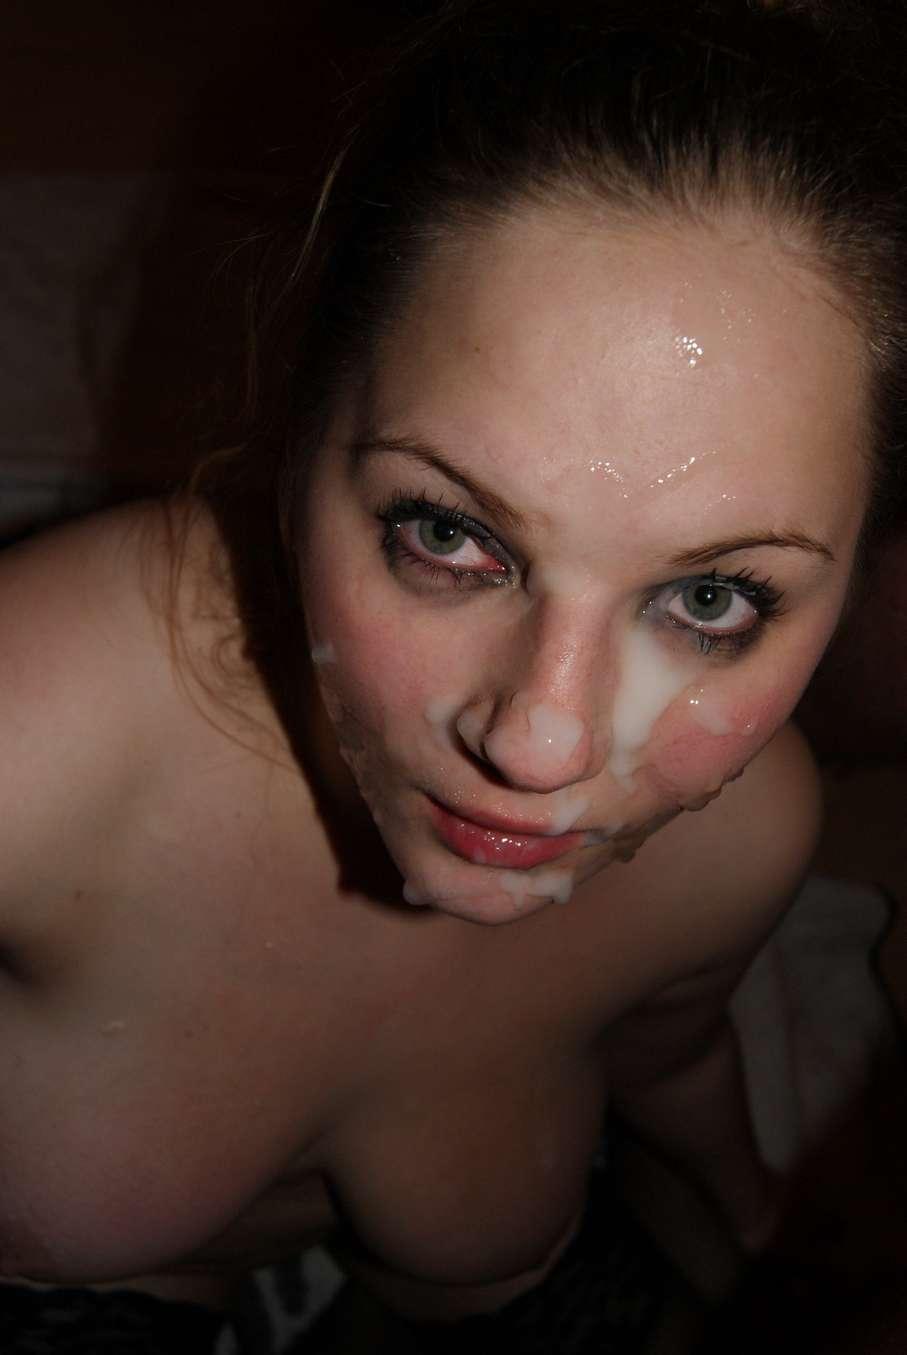 10 min de plaisir par une salope mature ma femme - 4 10